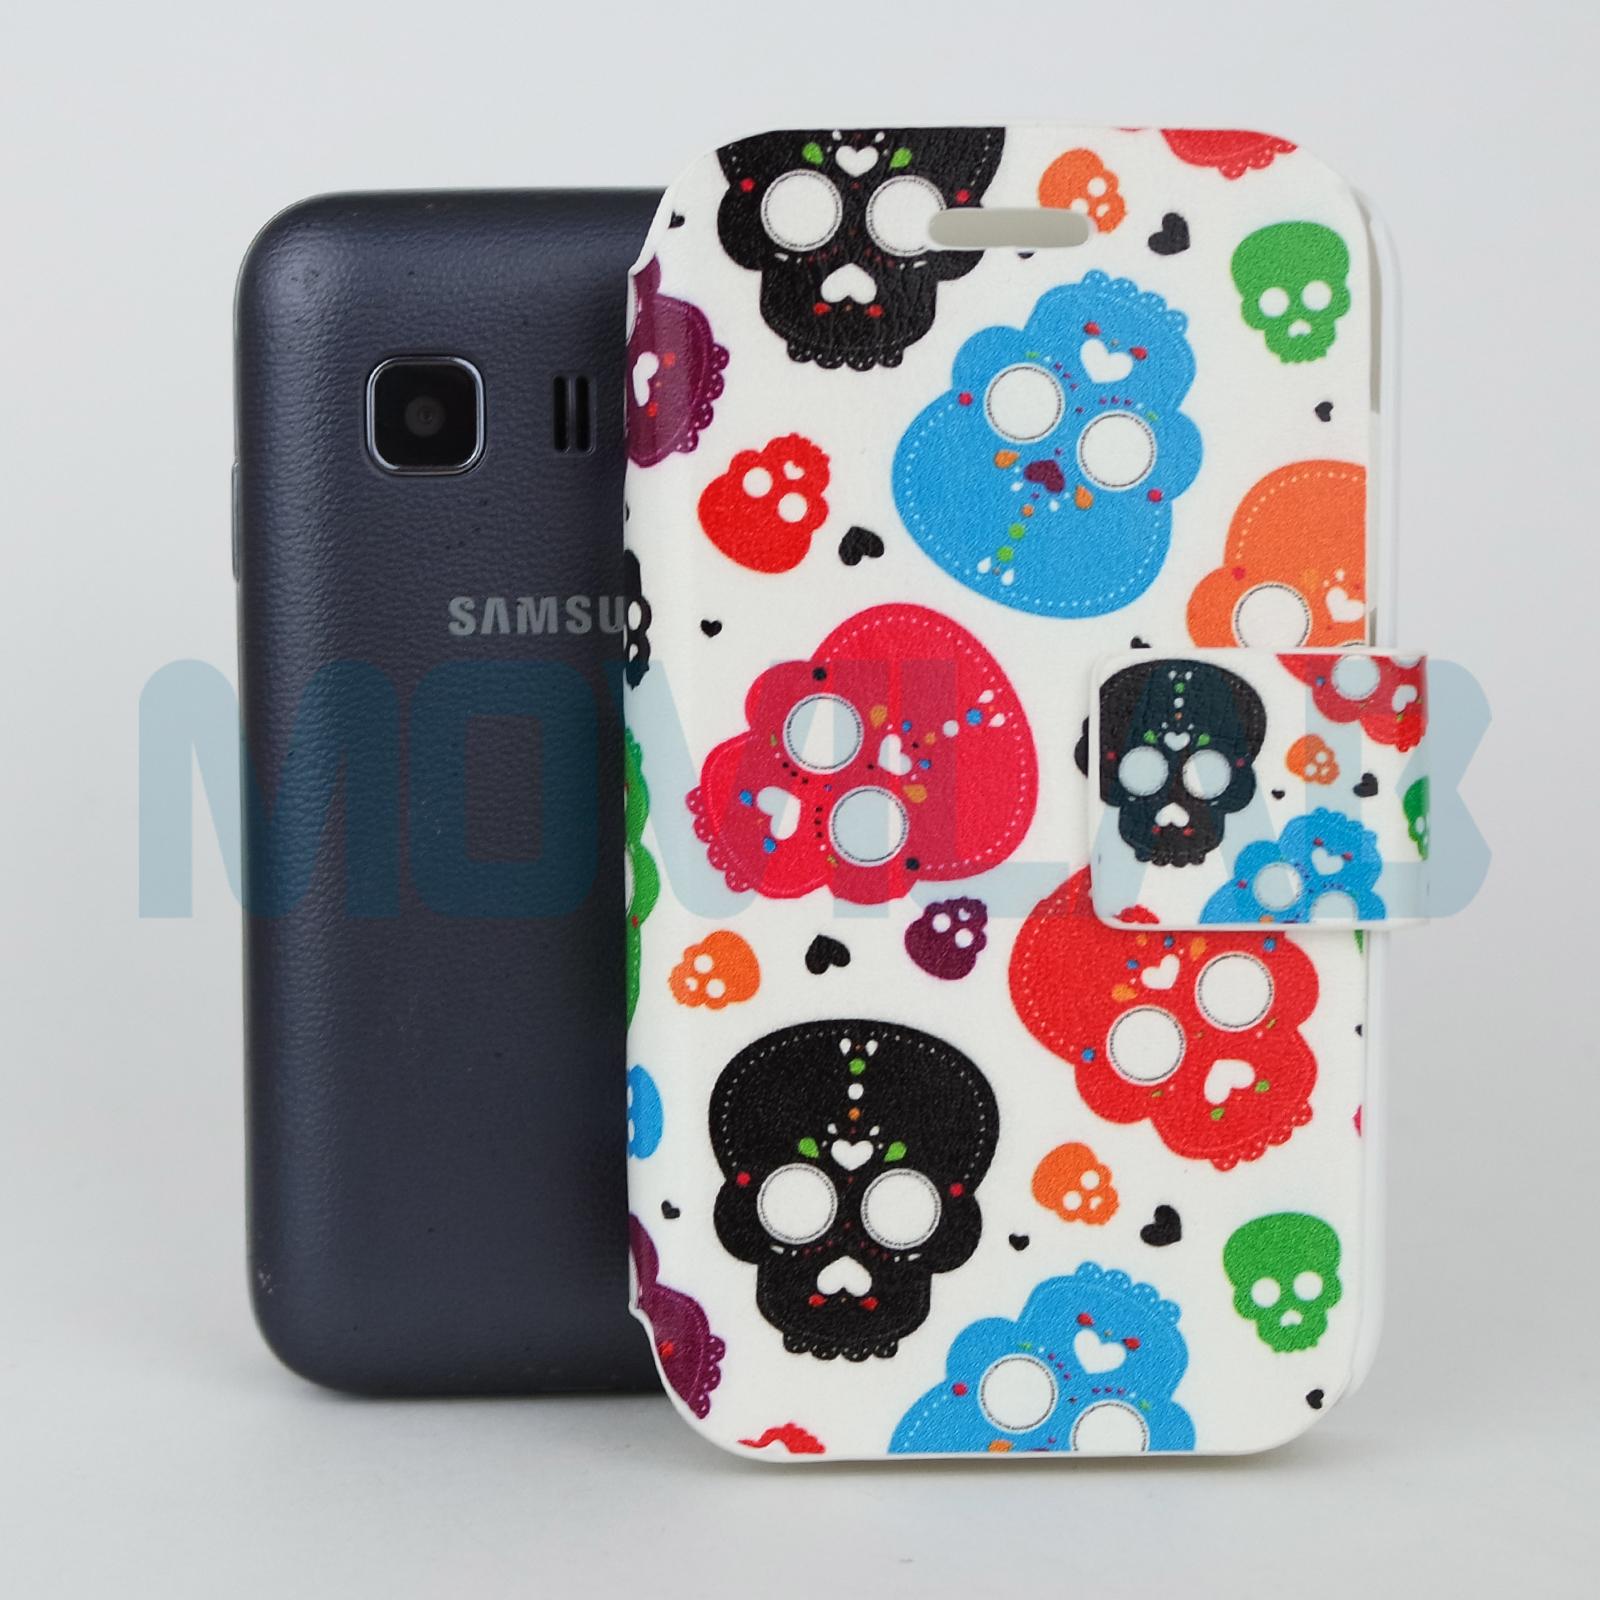 Funda libro Samsung Galaxy Young 2